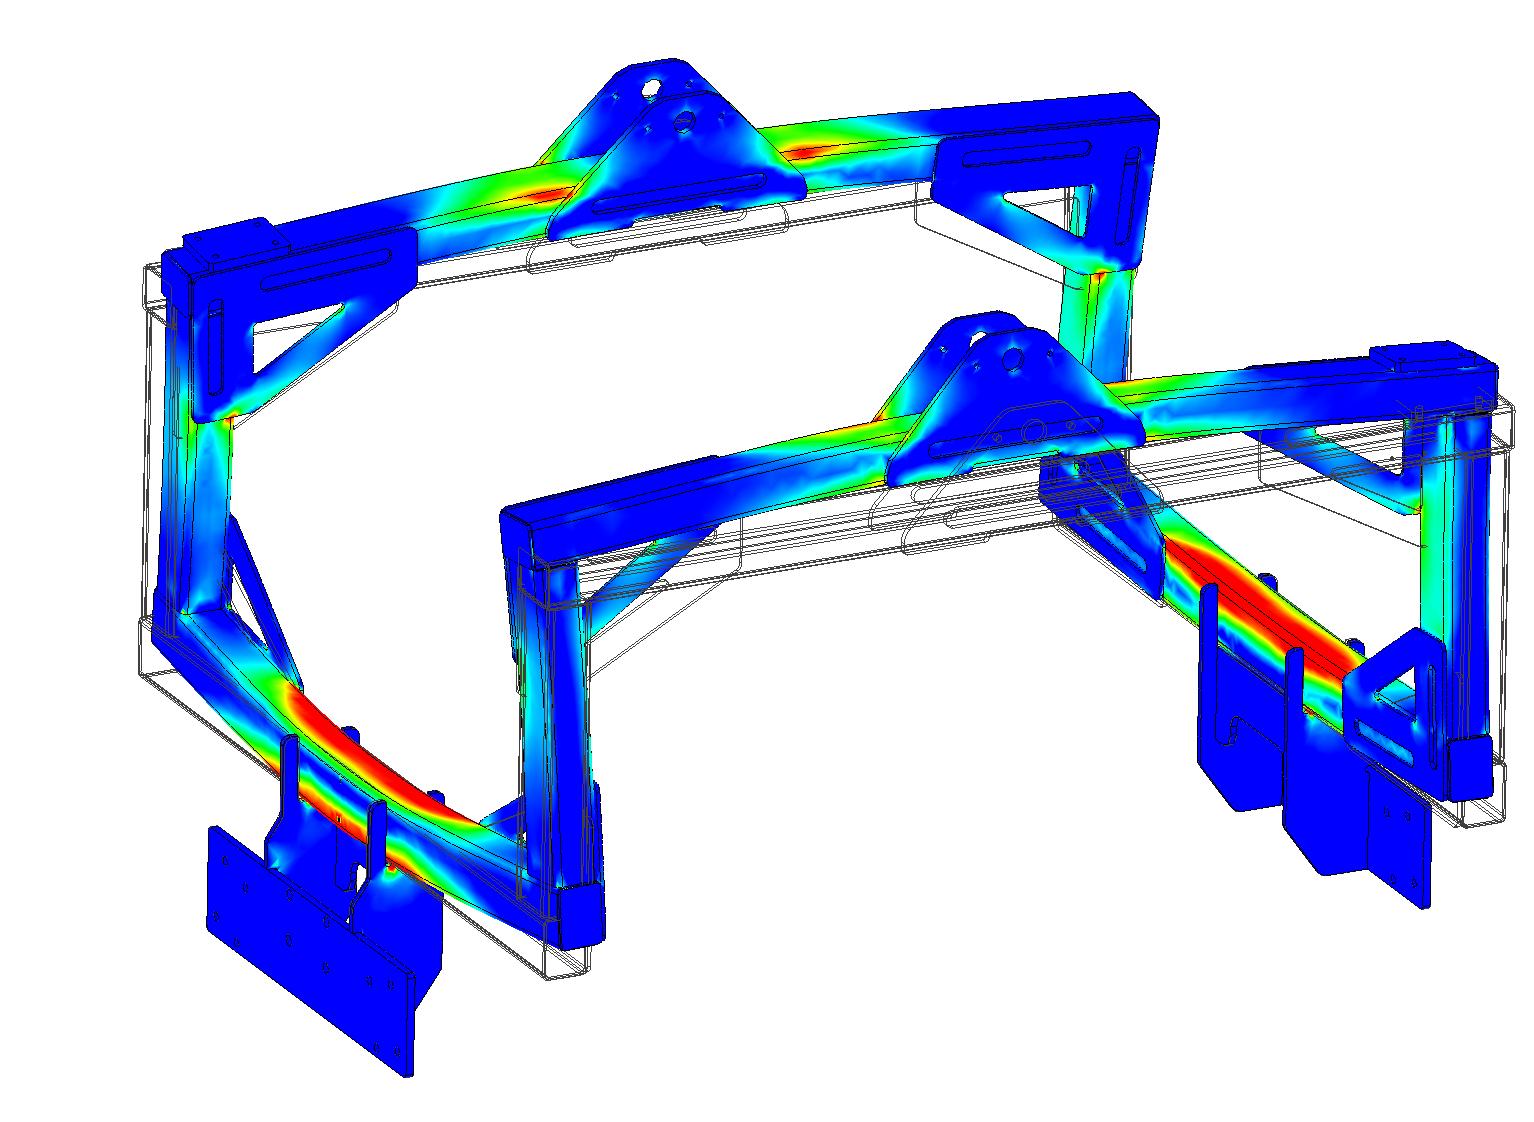 FEM-Simulation